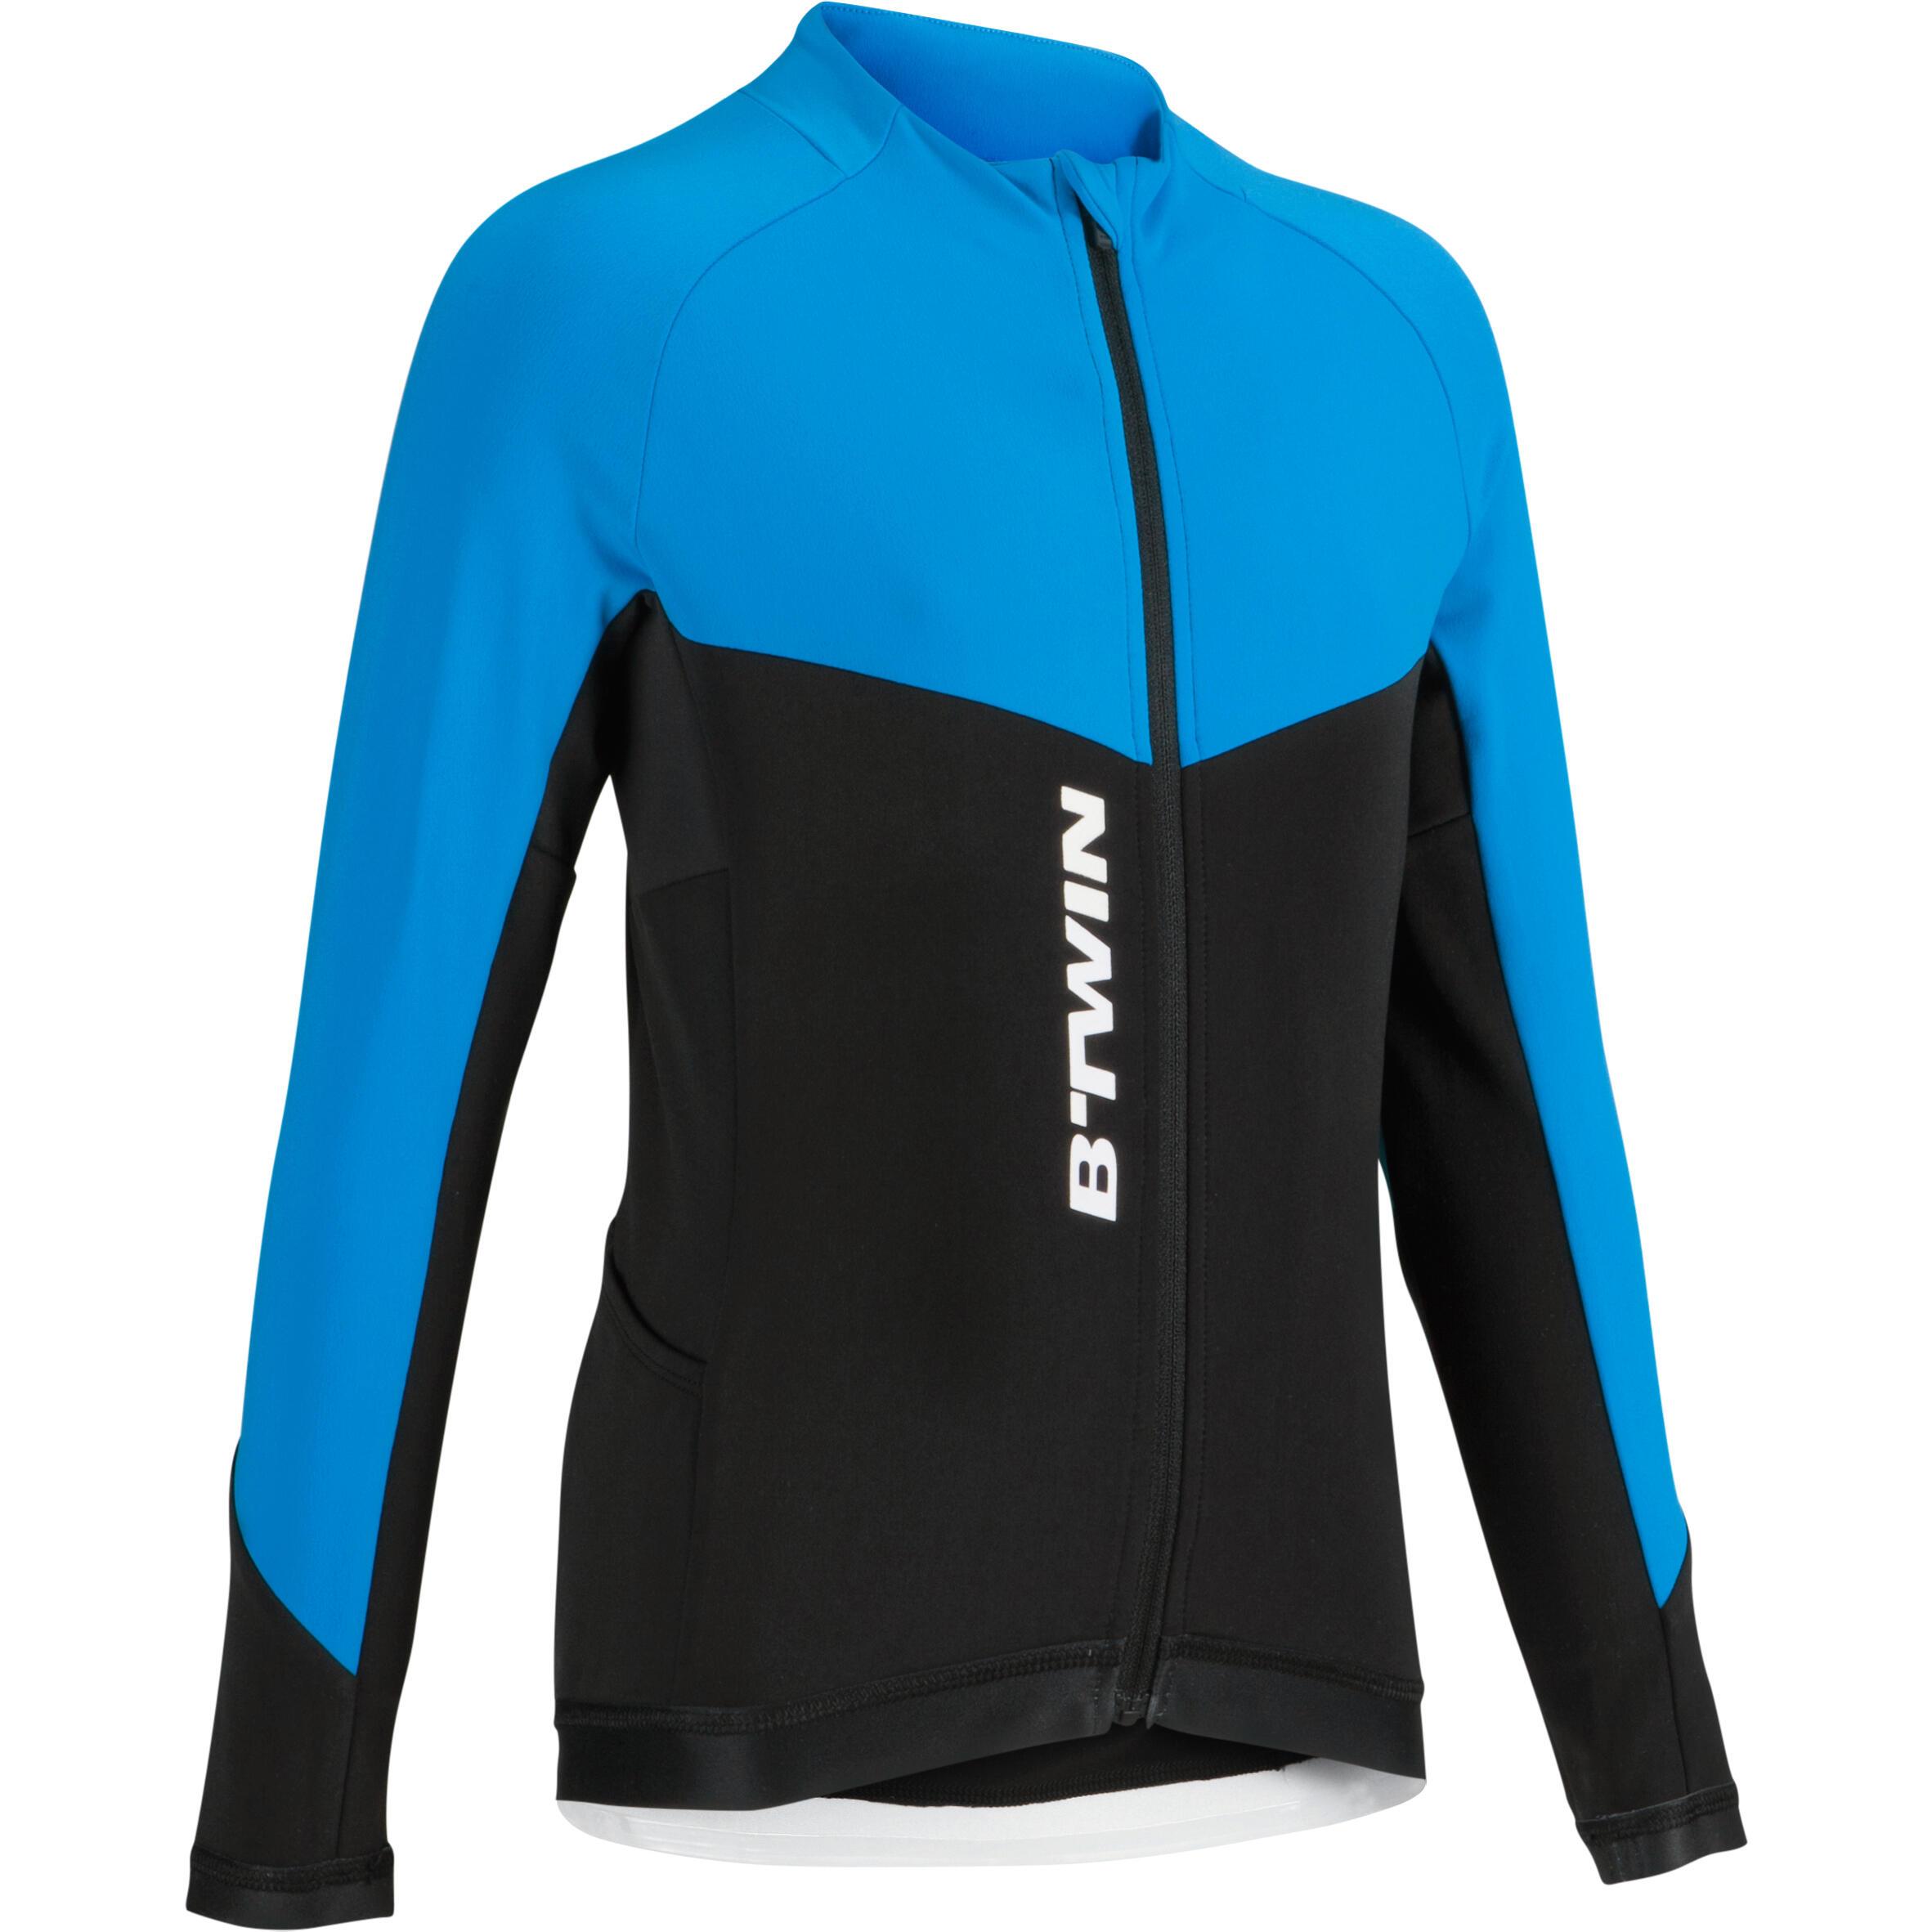 2b71dbcf9a5 T-shirts kinderen Archieven - Sport shop sportartikelen accessoires ...